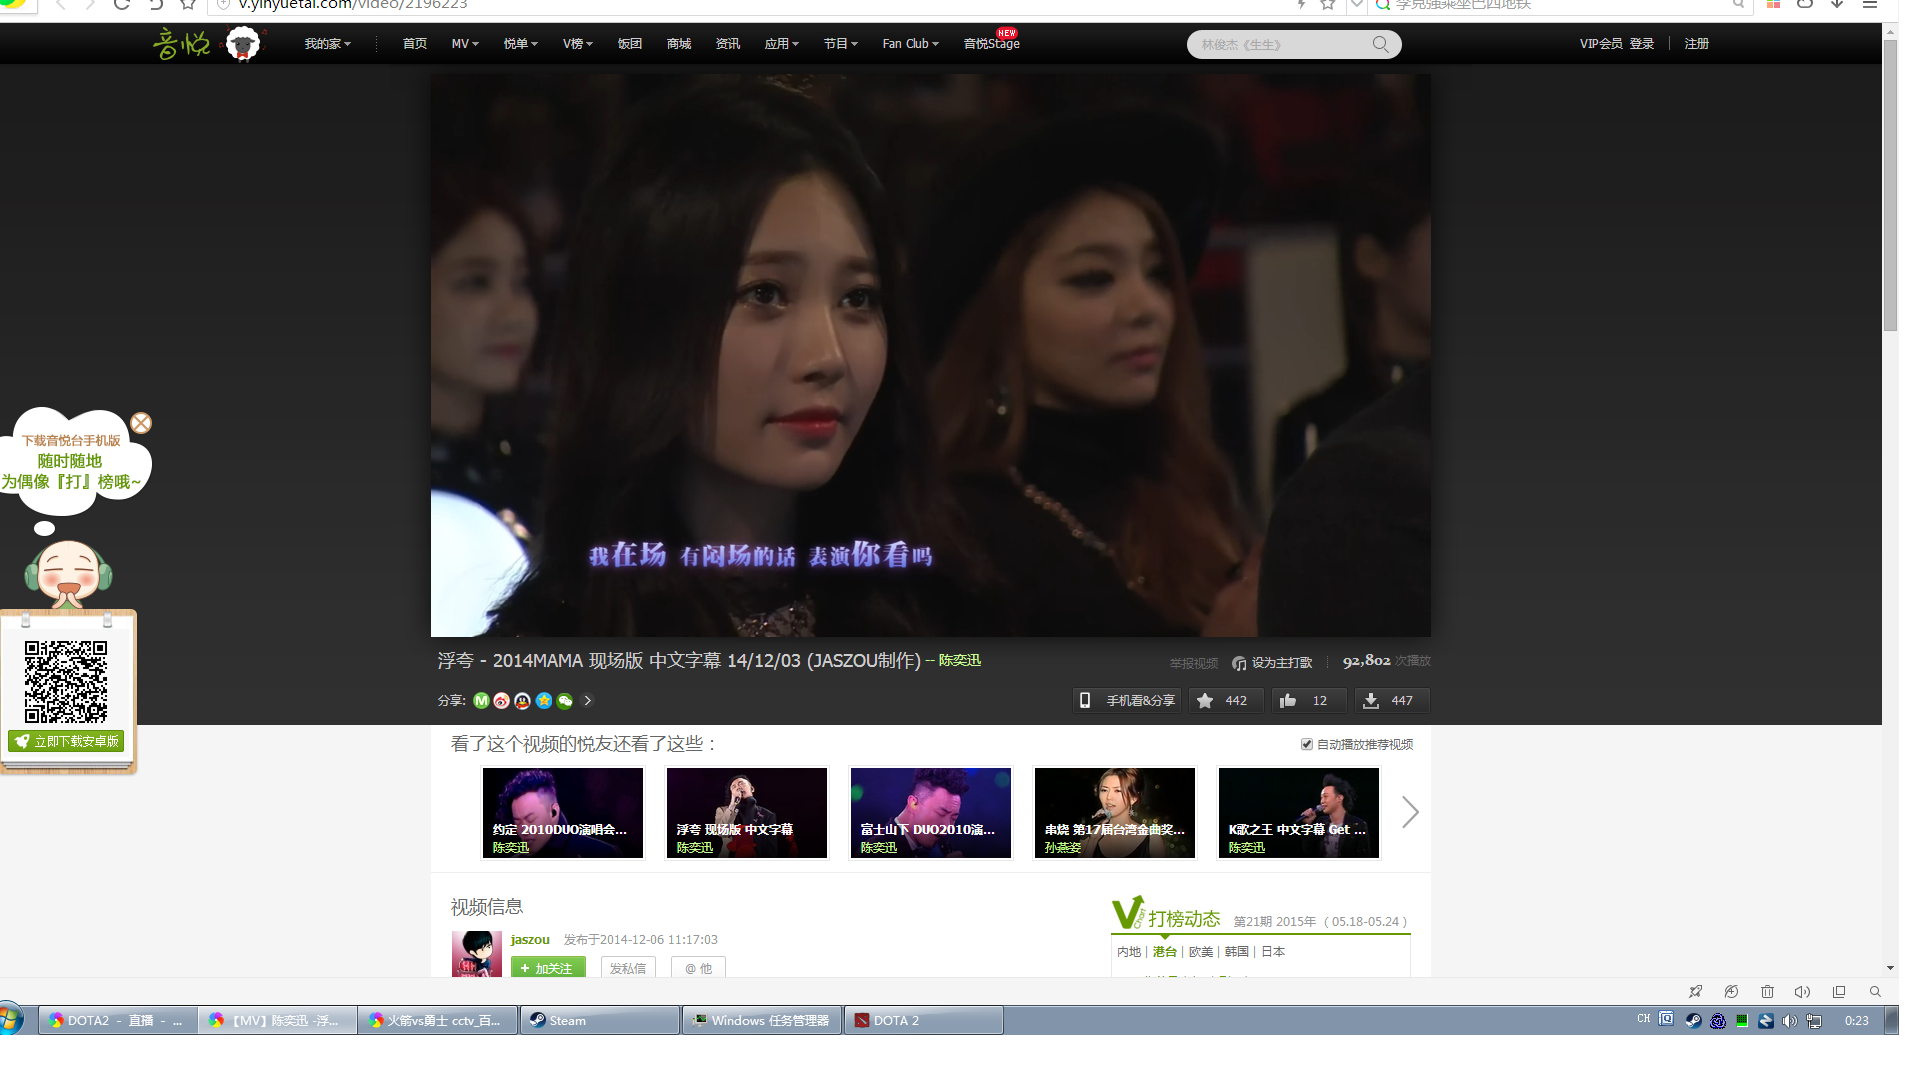 浮夸什么意思_2014mama,eason唱浮夸时候惊鸿一瞥的一个韩国人,想知道她是谁.